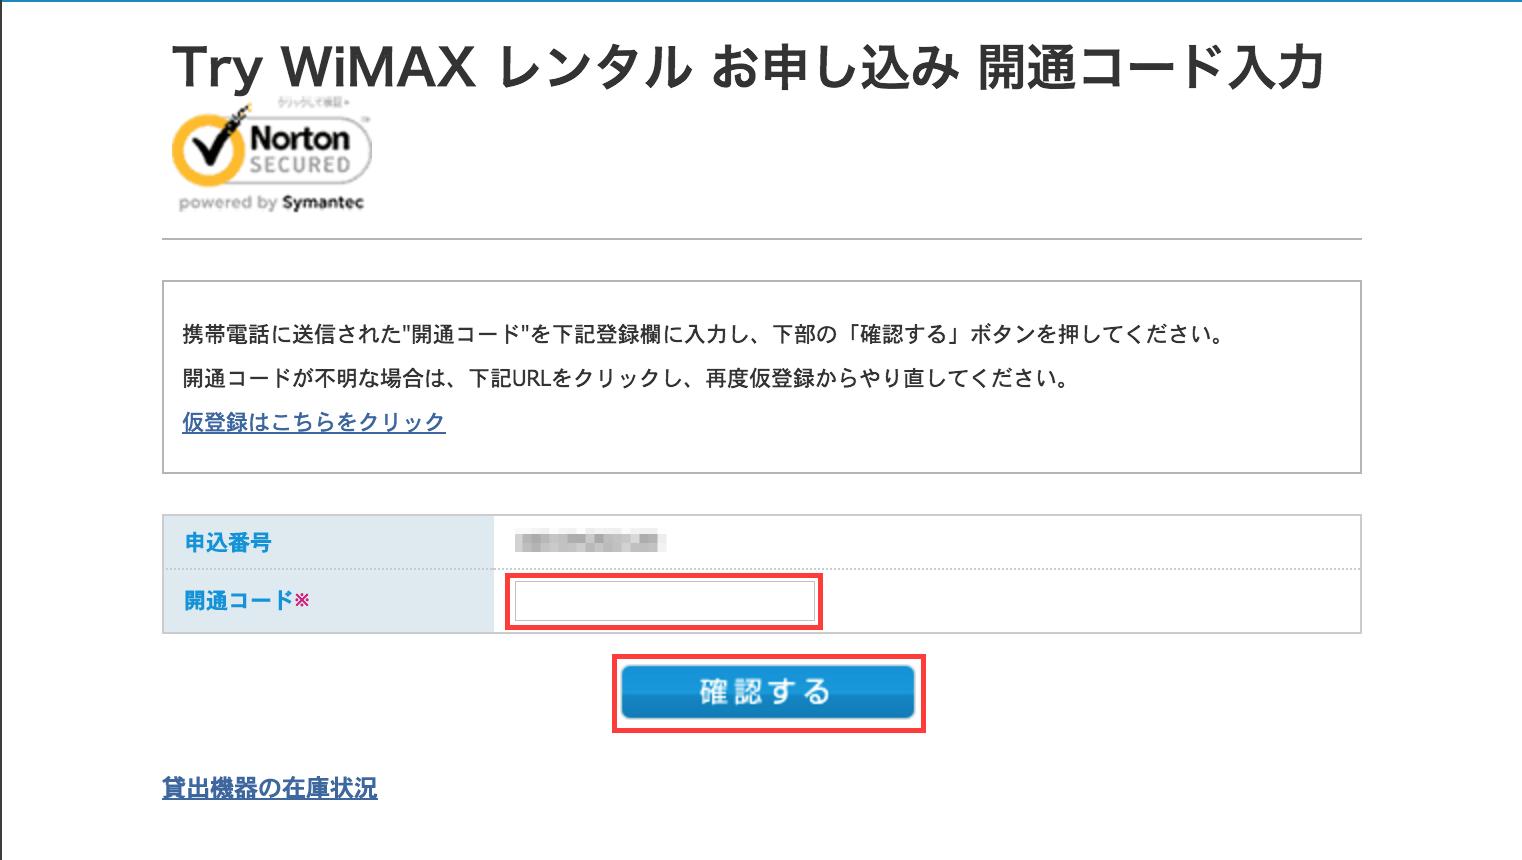 WiMAX お試し レンタル 開通コード入力